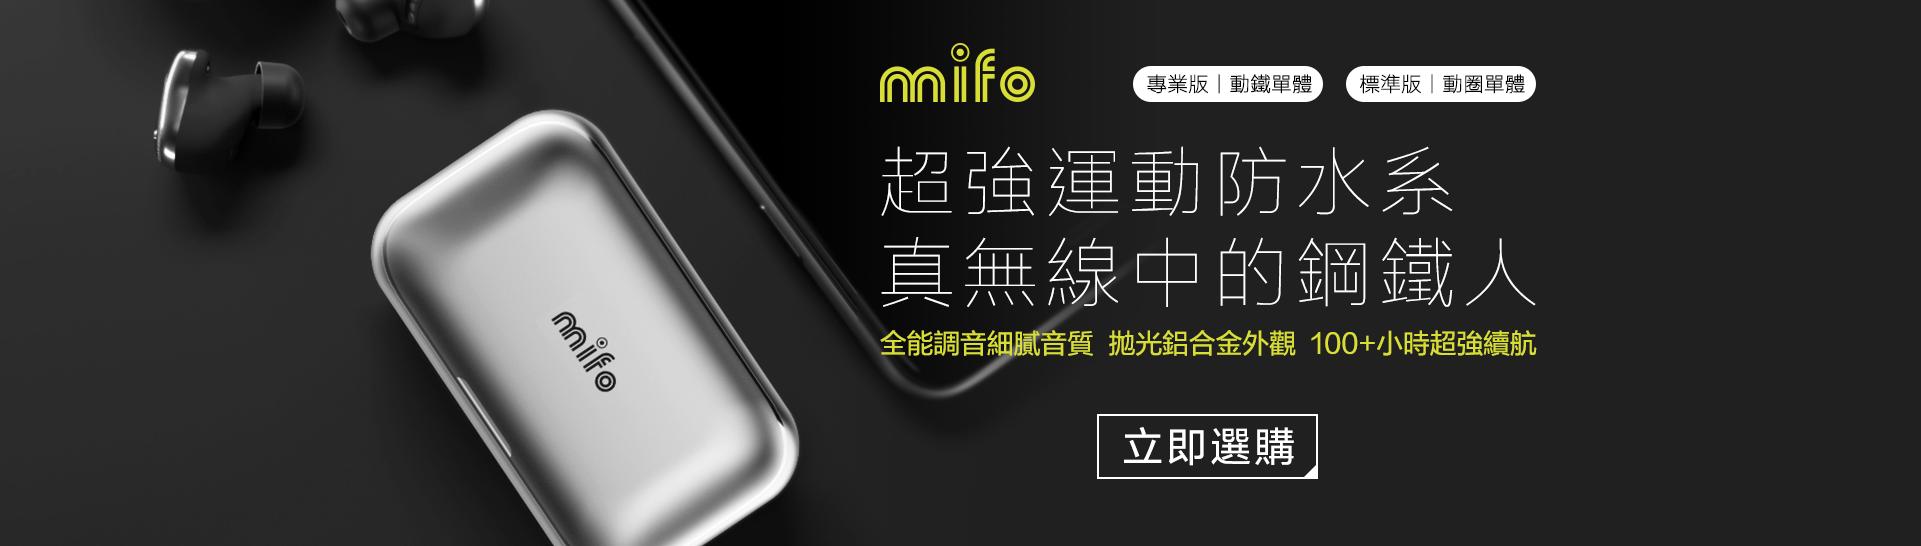 A carousel D1 Mifo O5真無線藍牙耳機